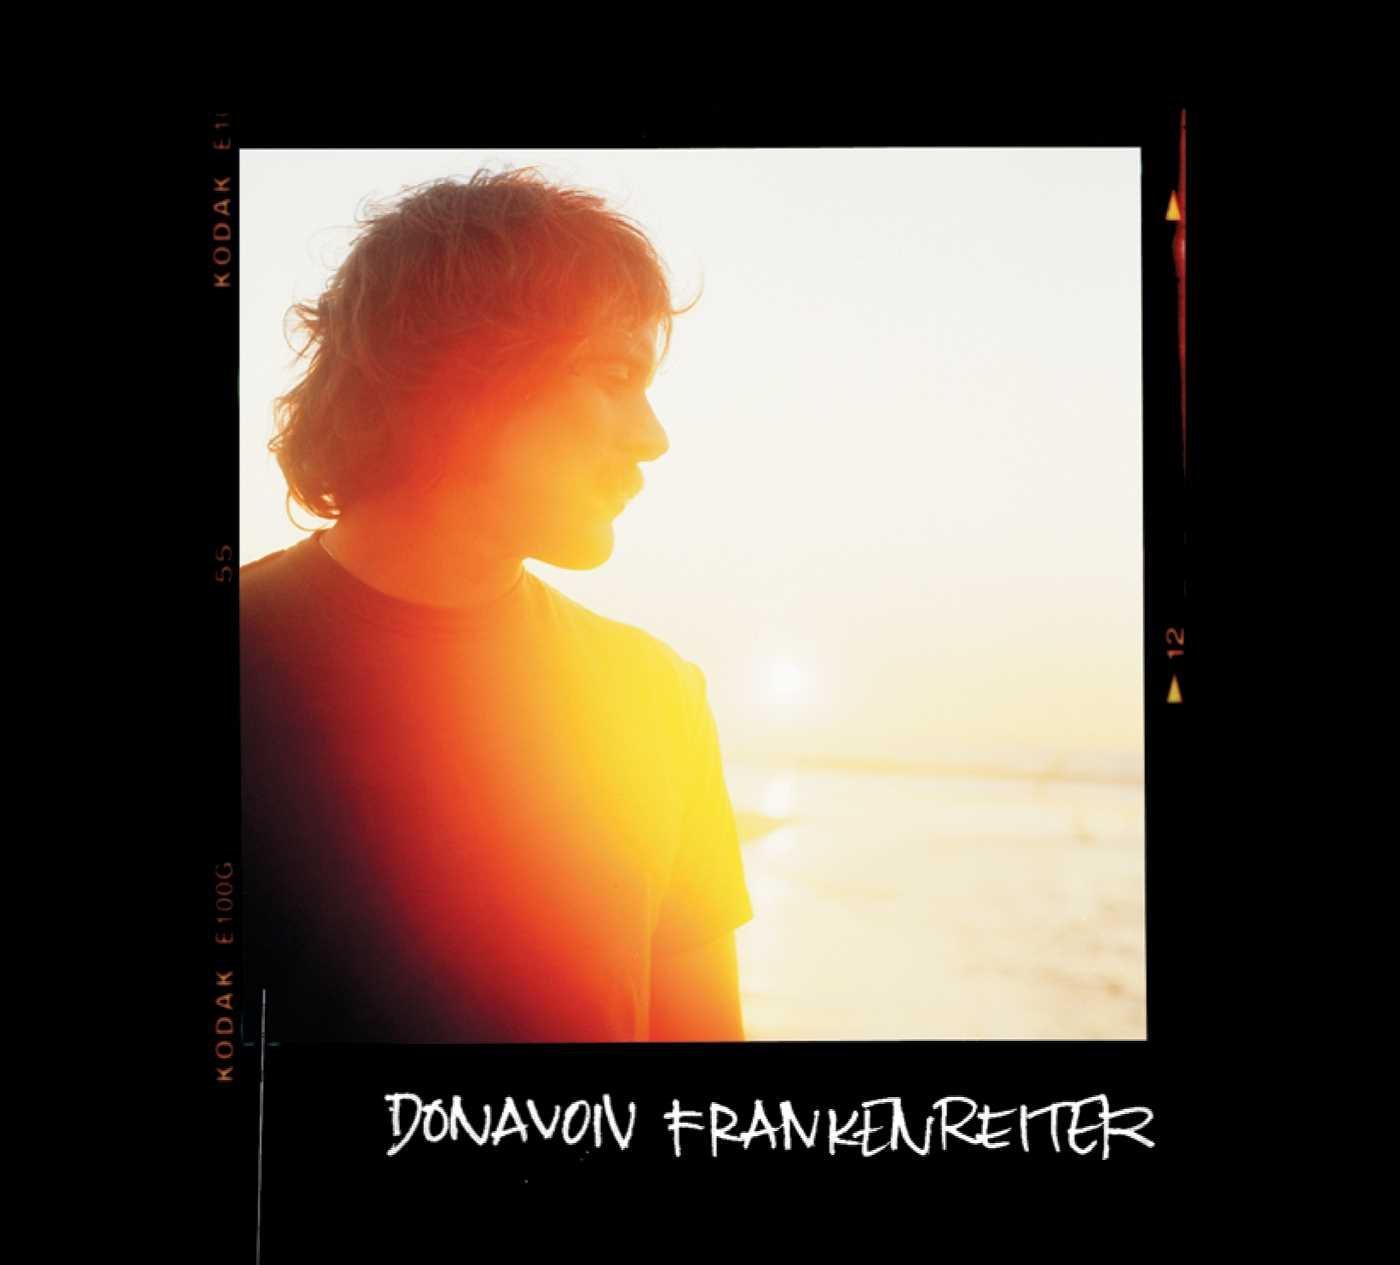 CD DONAVON FRANKENREITER BAIXAR